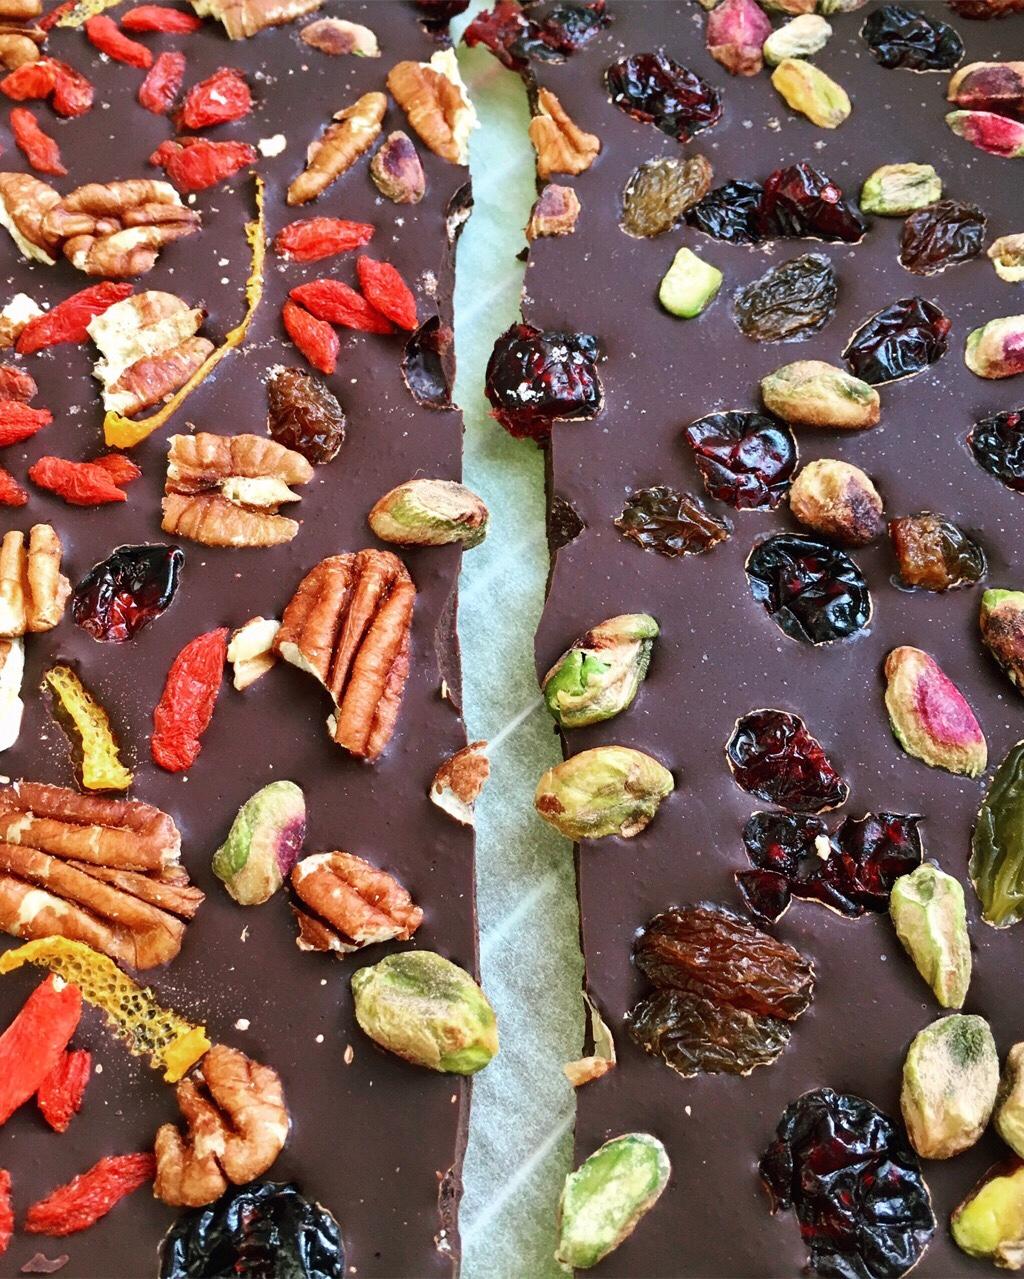 Turrón de chocolate 100% con frutos secos